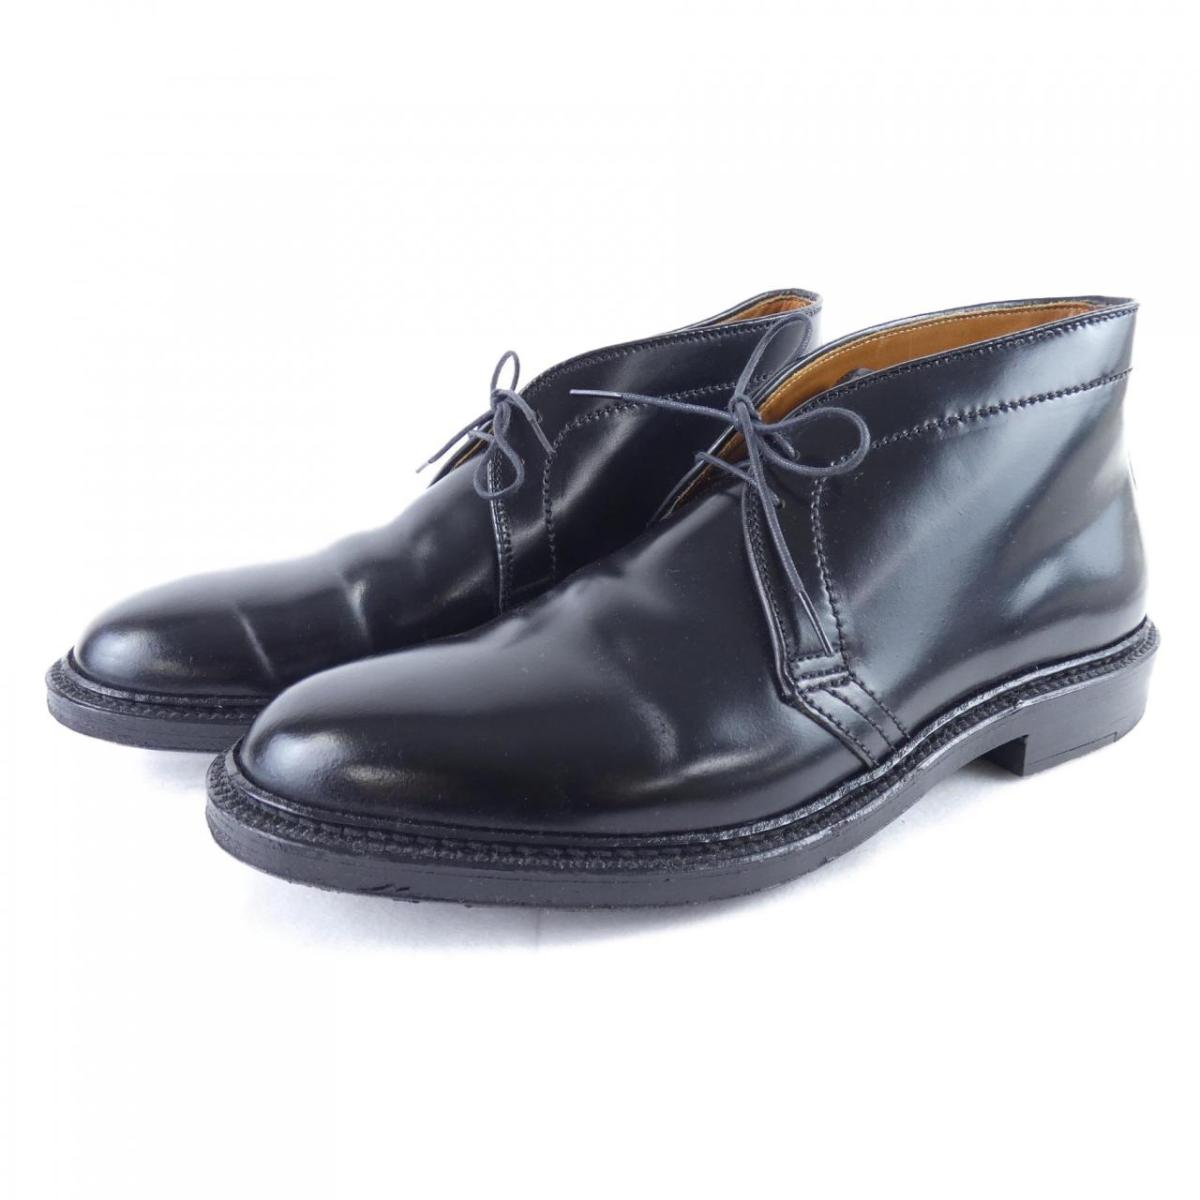 オールデン ALDEN ブーツ【中古】